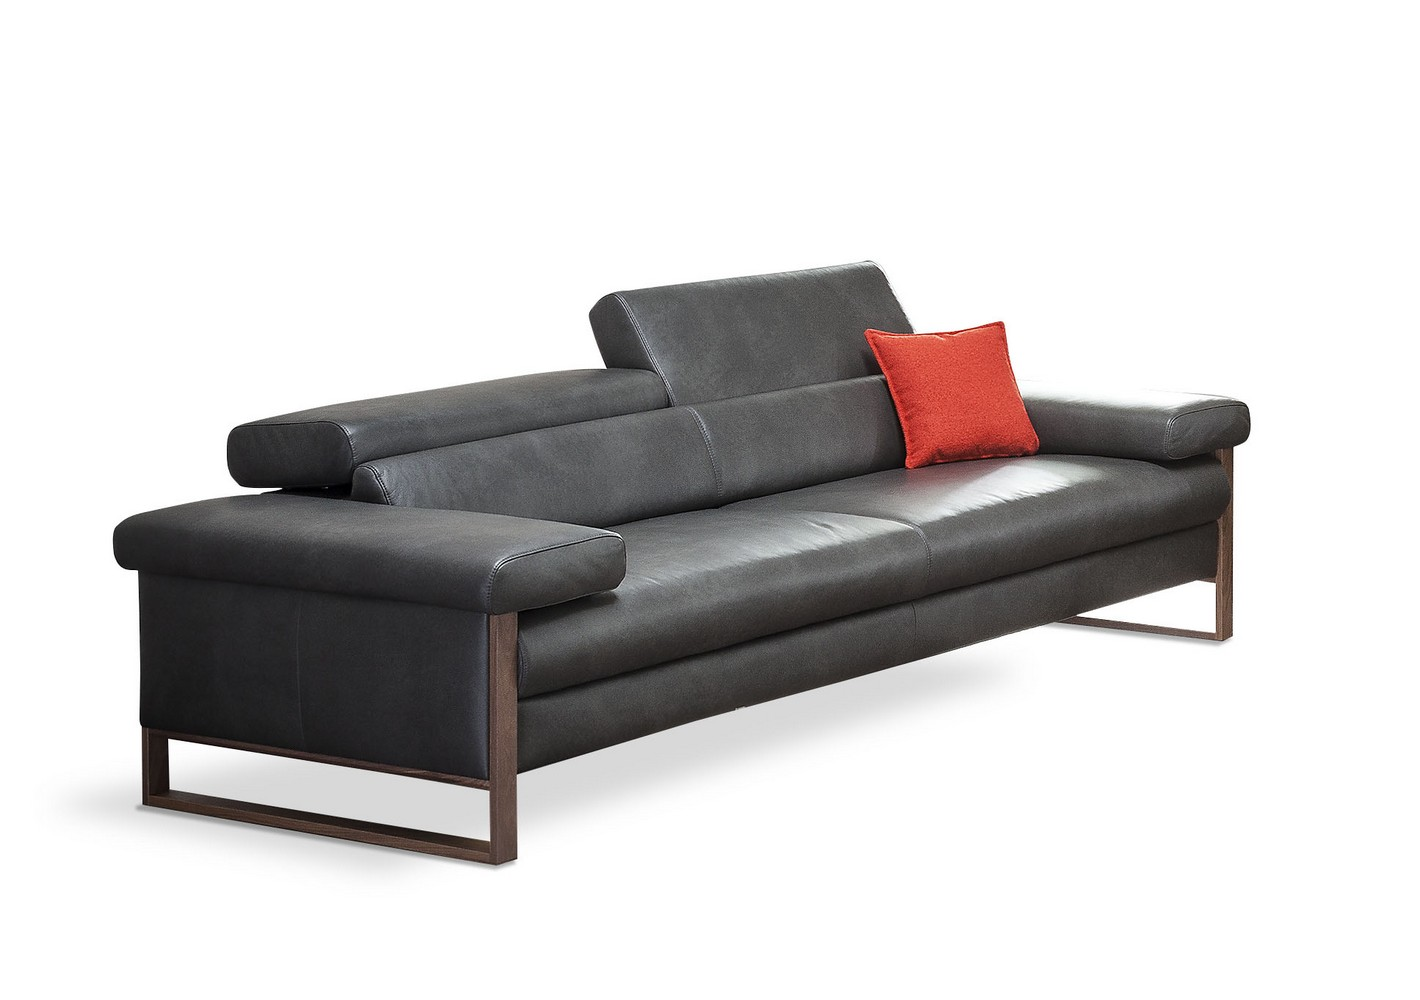 Unglaublich Sofa W Schillig Sammlung Von W.schillig